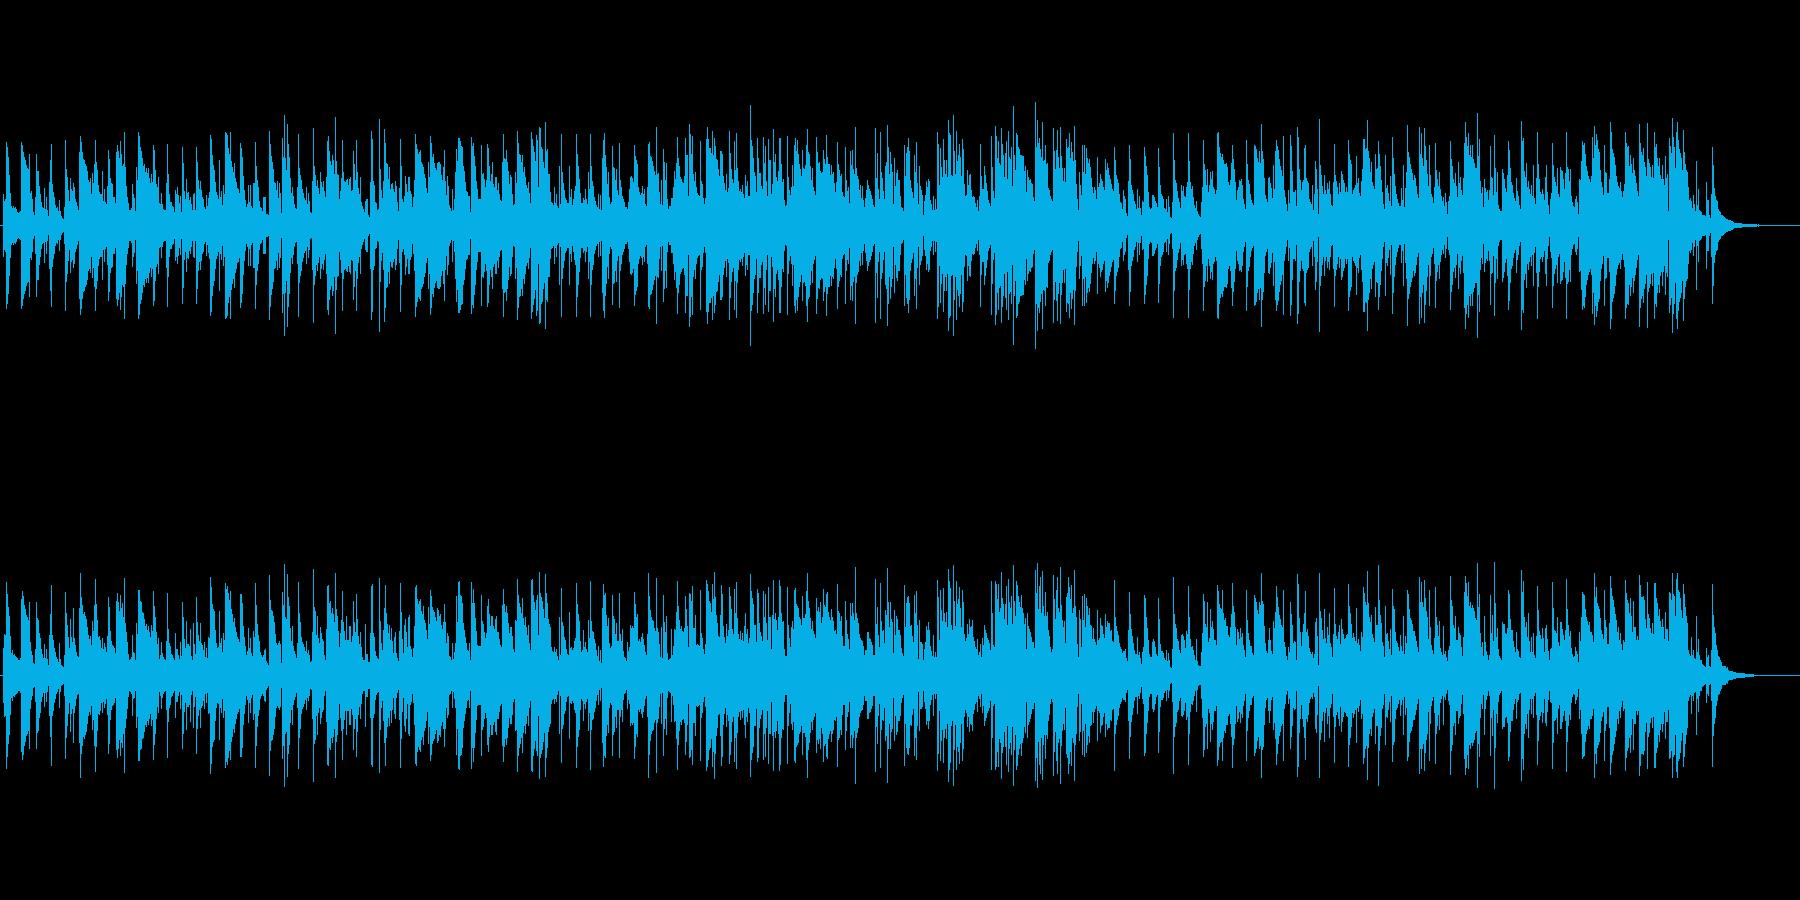 ジャズ風 ジムノペディの再生済みの波形